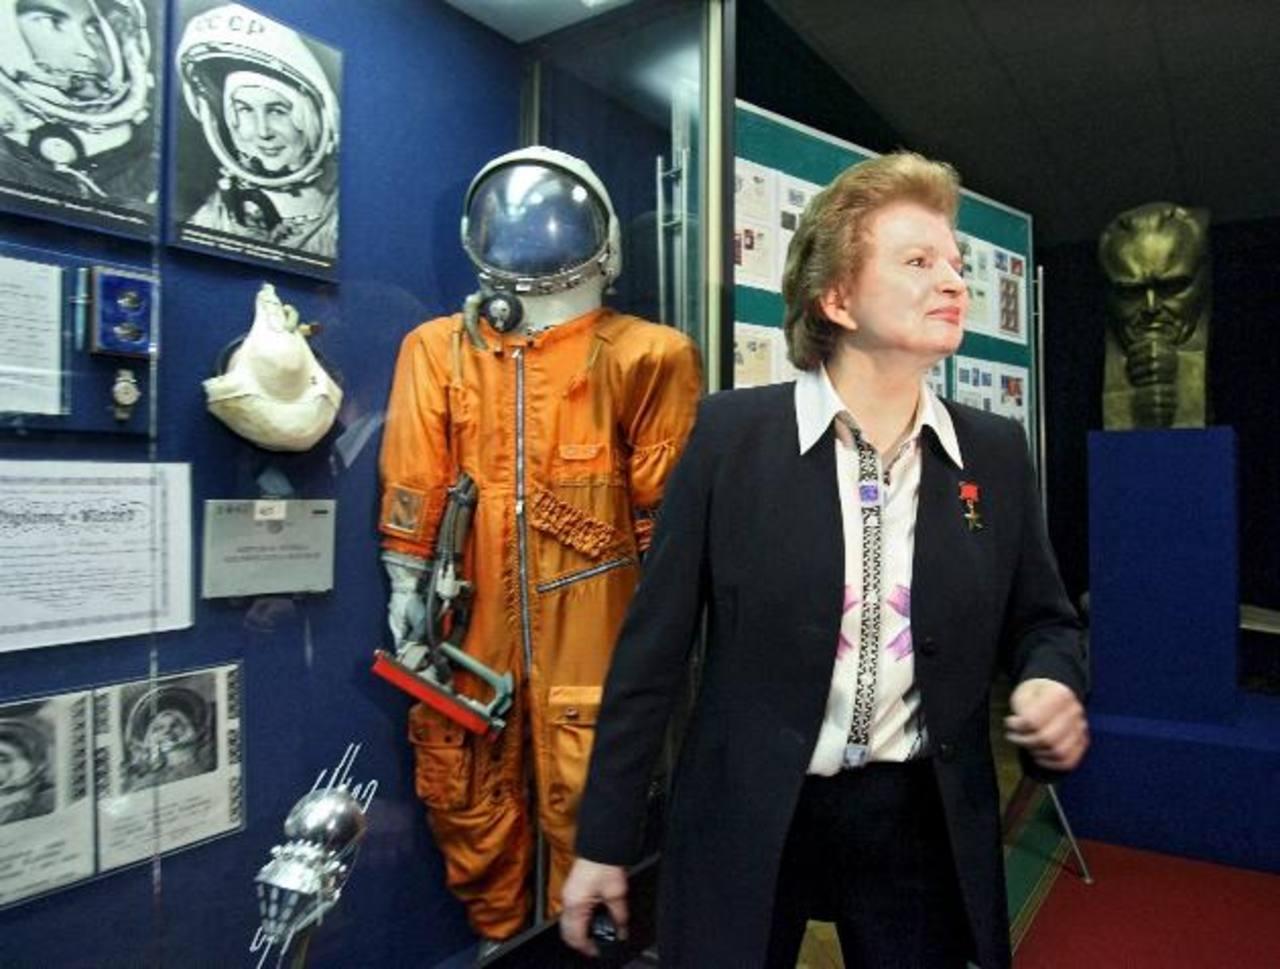 Imagen de archivo durante una reunión con periodistas en la Ciudad de las Estrellas a las afueras de Moscú, Rusia, en 2007.